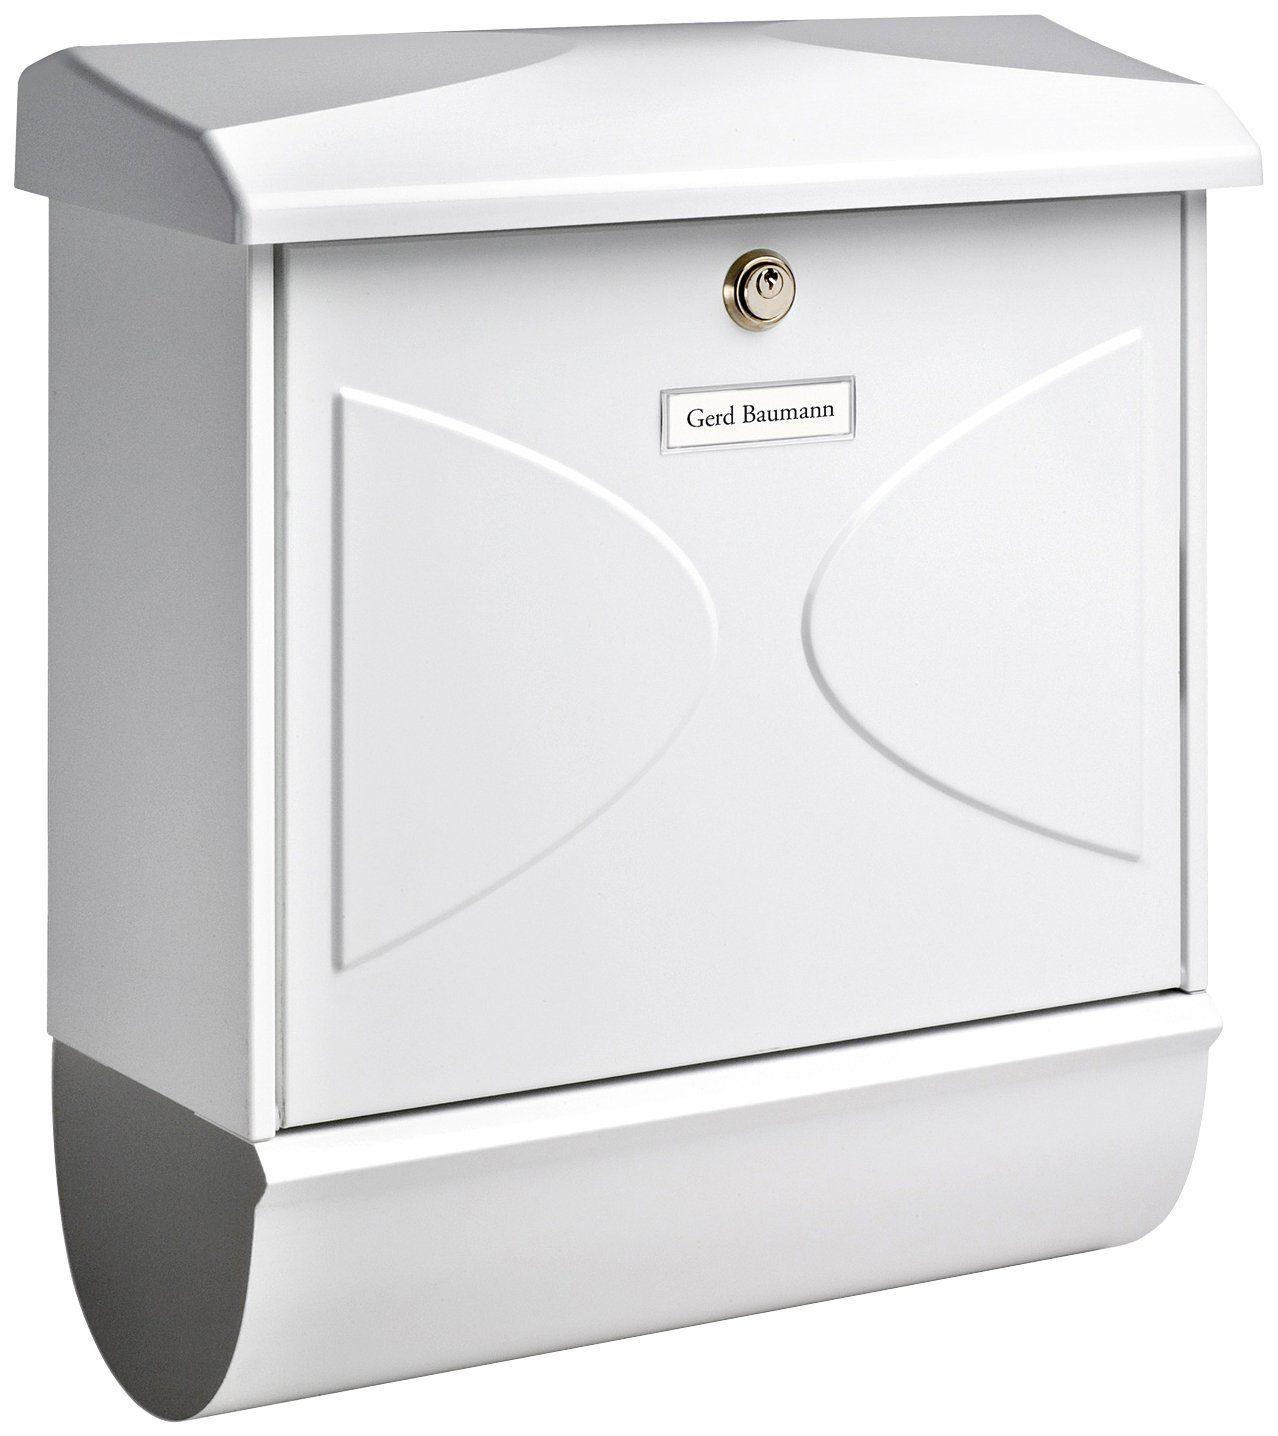 BURG WÄCHTER Briefkasten »Futura 92600 W«, Stahlblech-Briefkastenset